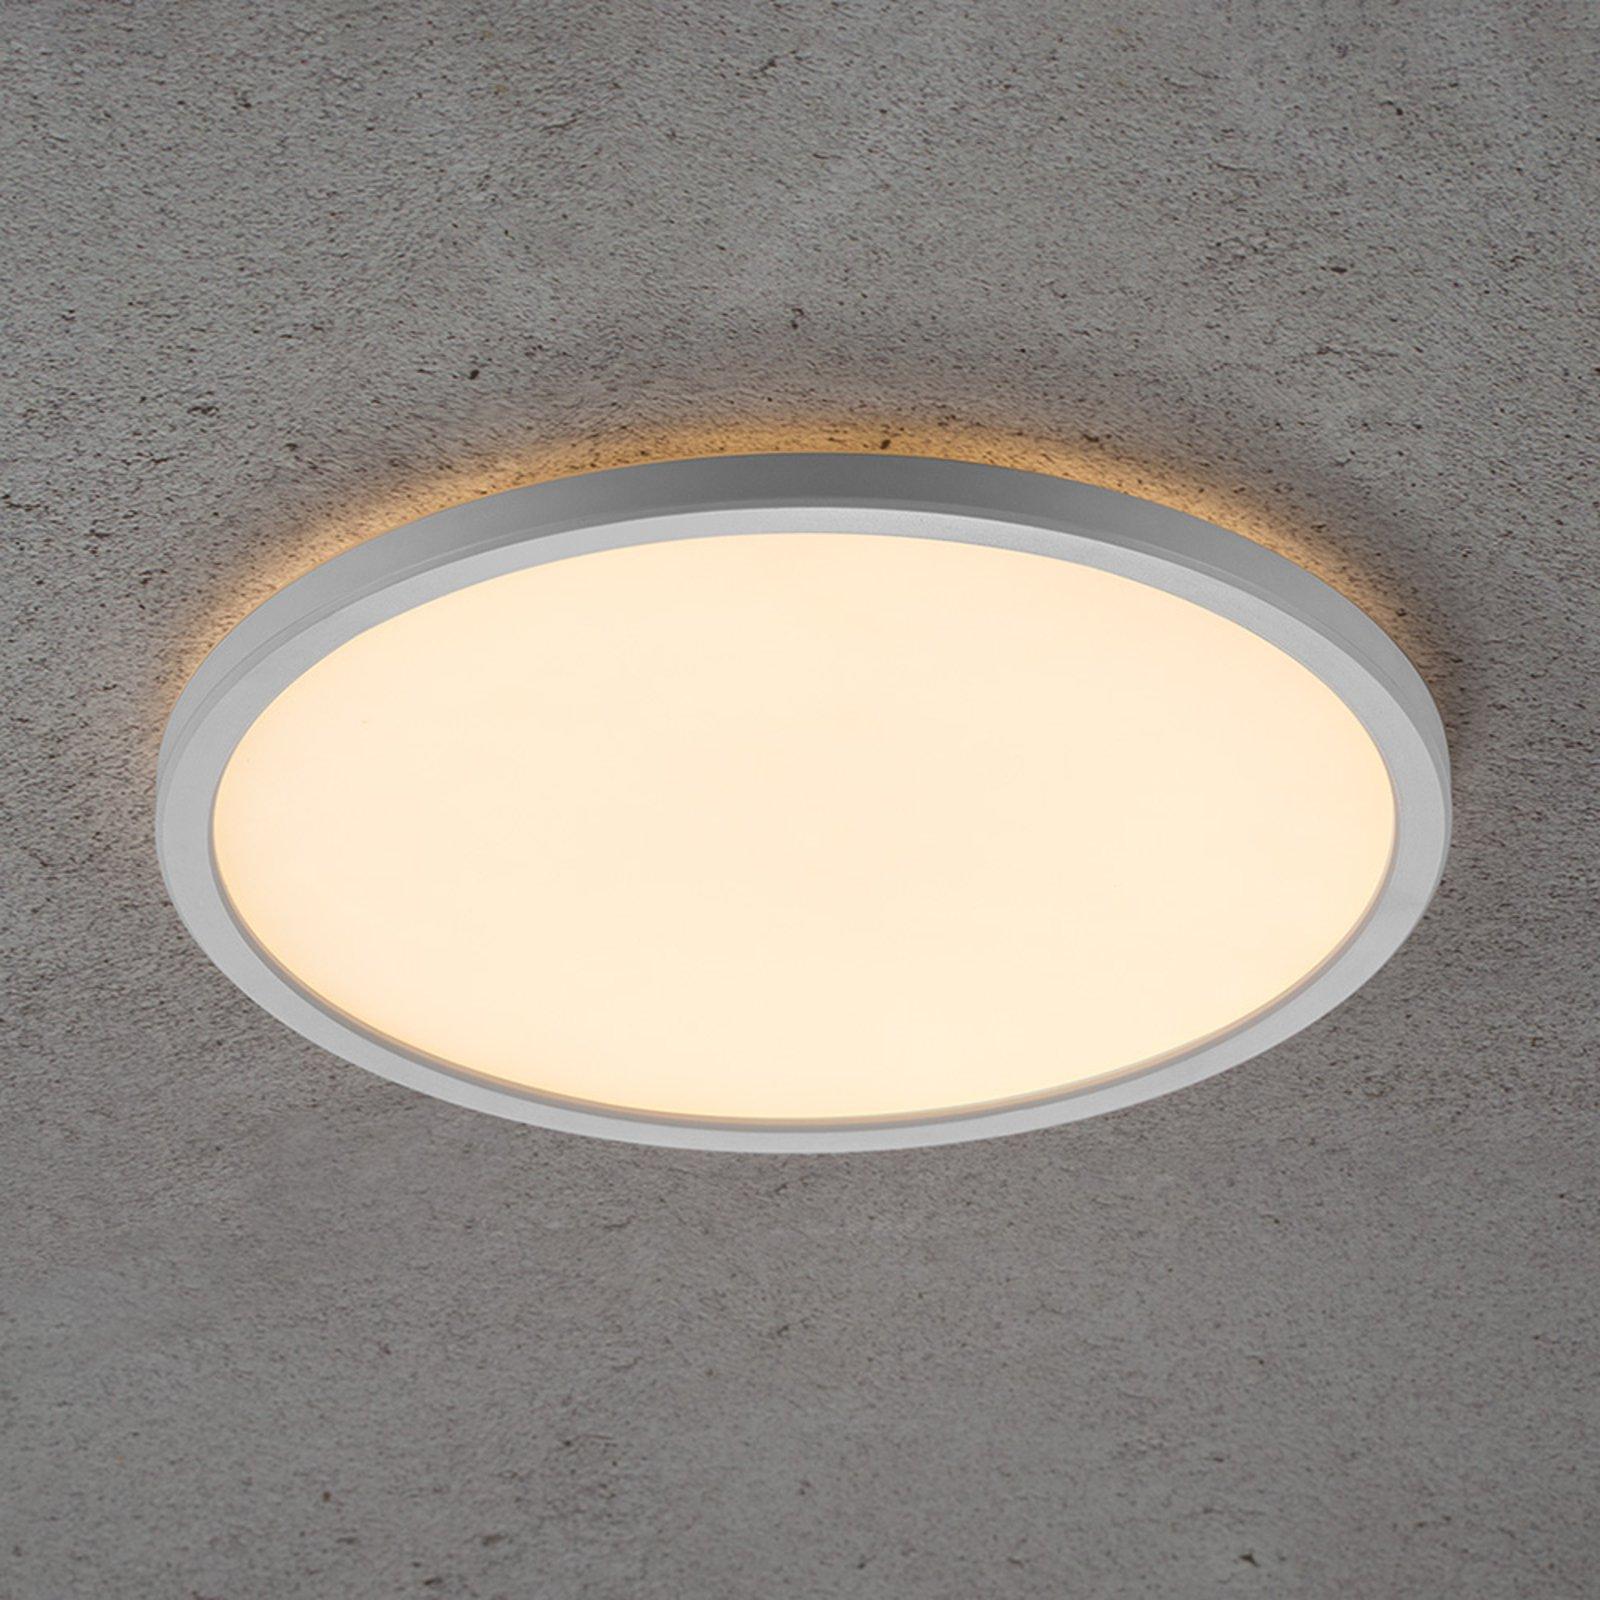 LED-taklampe Planura, dimbar, Ø 29 cm